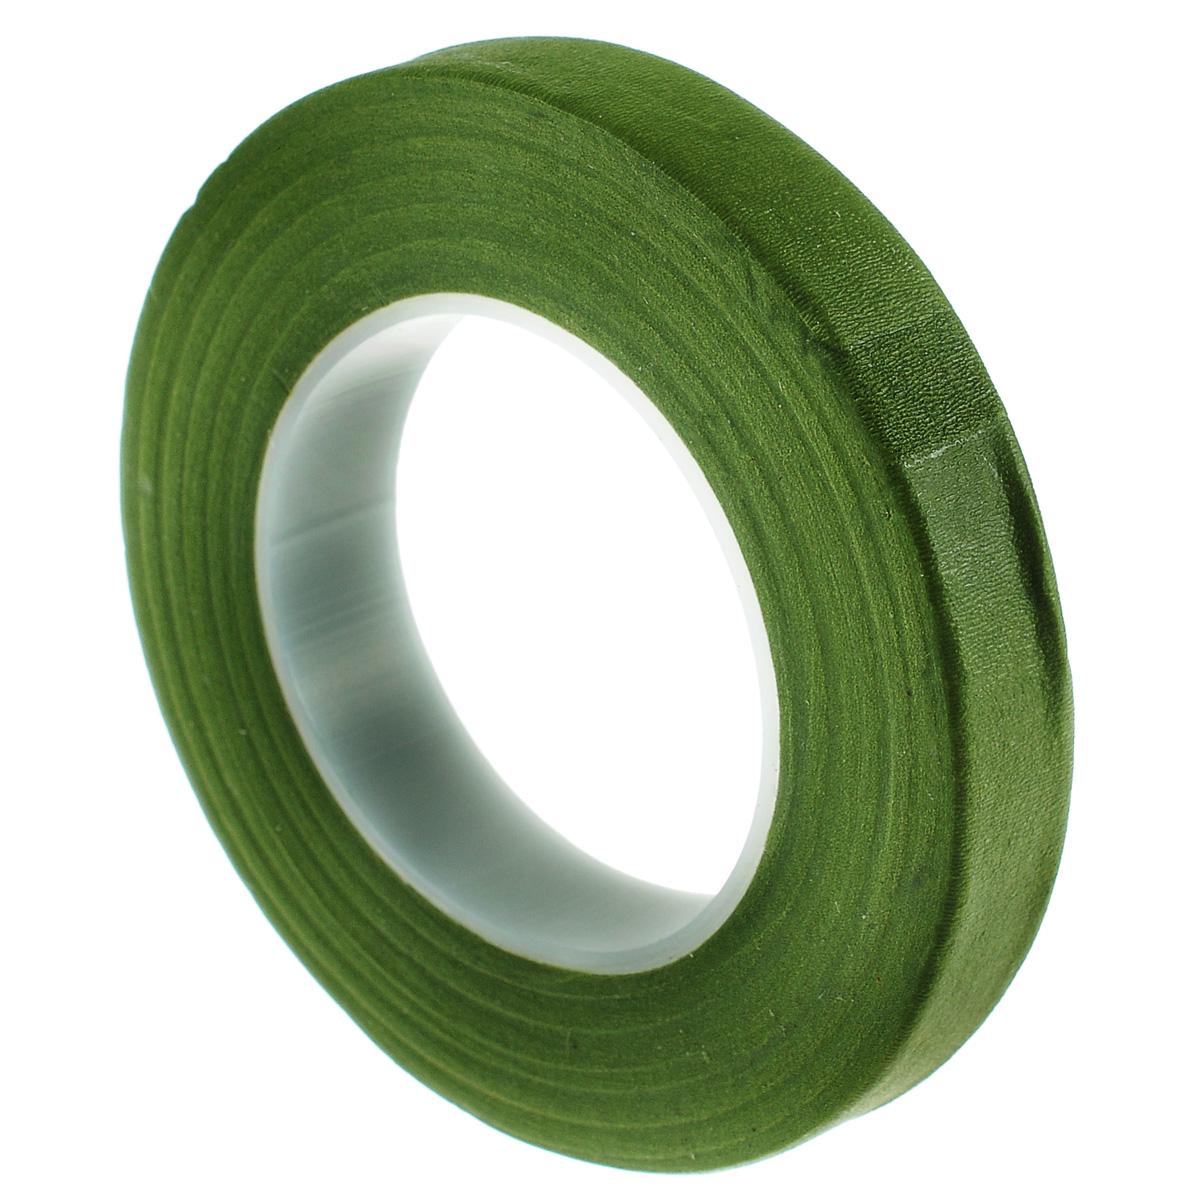 Лента флористическая Hobby Time, цвет: зеленый, ширина 12,7 мм, длина 28 м7705243Флористическая лента Hobby Time - это тонкая эластичная лента в катушке с легким клеящим эффектом. Она липкая, тонкая, легкая, водонепроницаемая, хорошо растягивается. Лента бывает широкой и узкой. Широкая лента в основном используется для крепления к сосуду флористической губки, узкой лентой также иногда перекрещивается отверстие широкогорлового сосуда для закрепления растений. Флористическая лента может использоваться в квиллинге при изготовлении цветов на проволоке, конфетных деревьев, украшений из бисера, различного декора. В основном лента применяется для декорирования проволоки в букетах в соответствии с цветом букета. При намотке флористическую ленту необходимо немного натягивать, чтобы она лучше прилипала к стеблю цветка. Особенности флористической ленты: - Легко разглаживается и плотно прилегает к поверхности, - Принимает любую форму, - Позволяет продлить свежесть цветка, поэтому необходима при создании свадебных букетов и других...